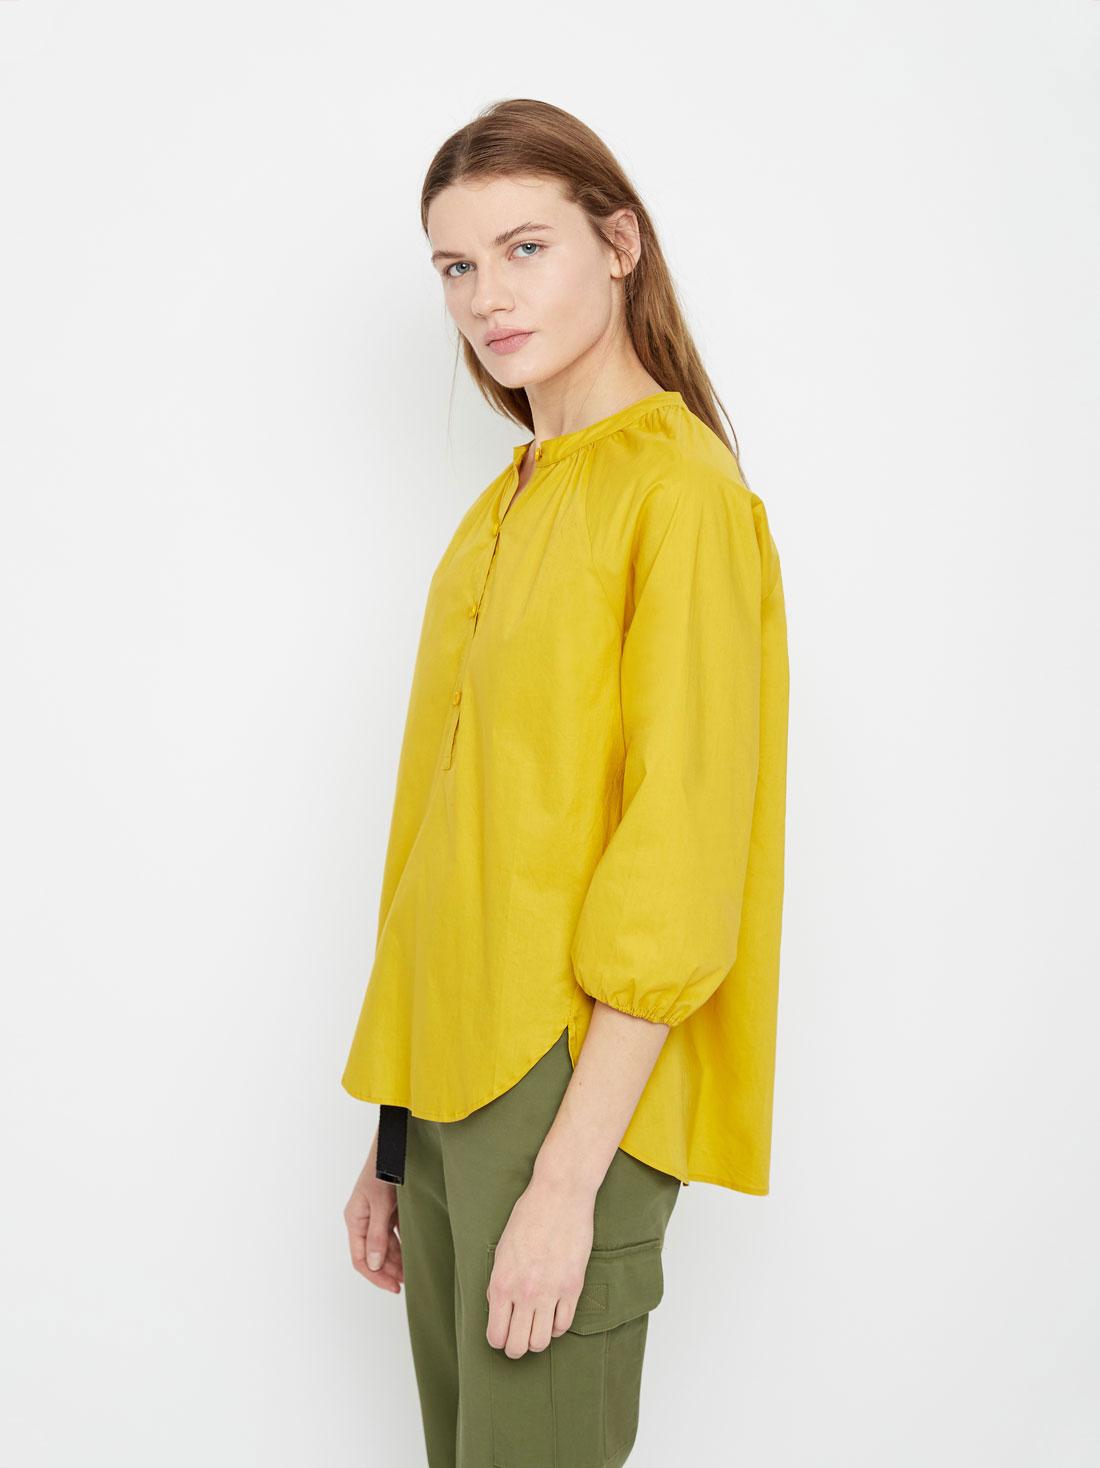 Ассиметричная блузка из хлопка